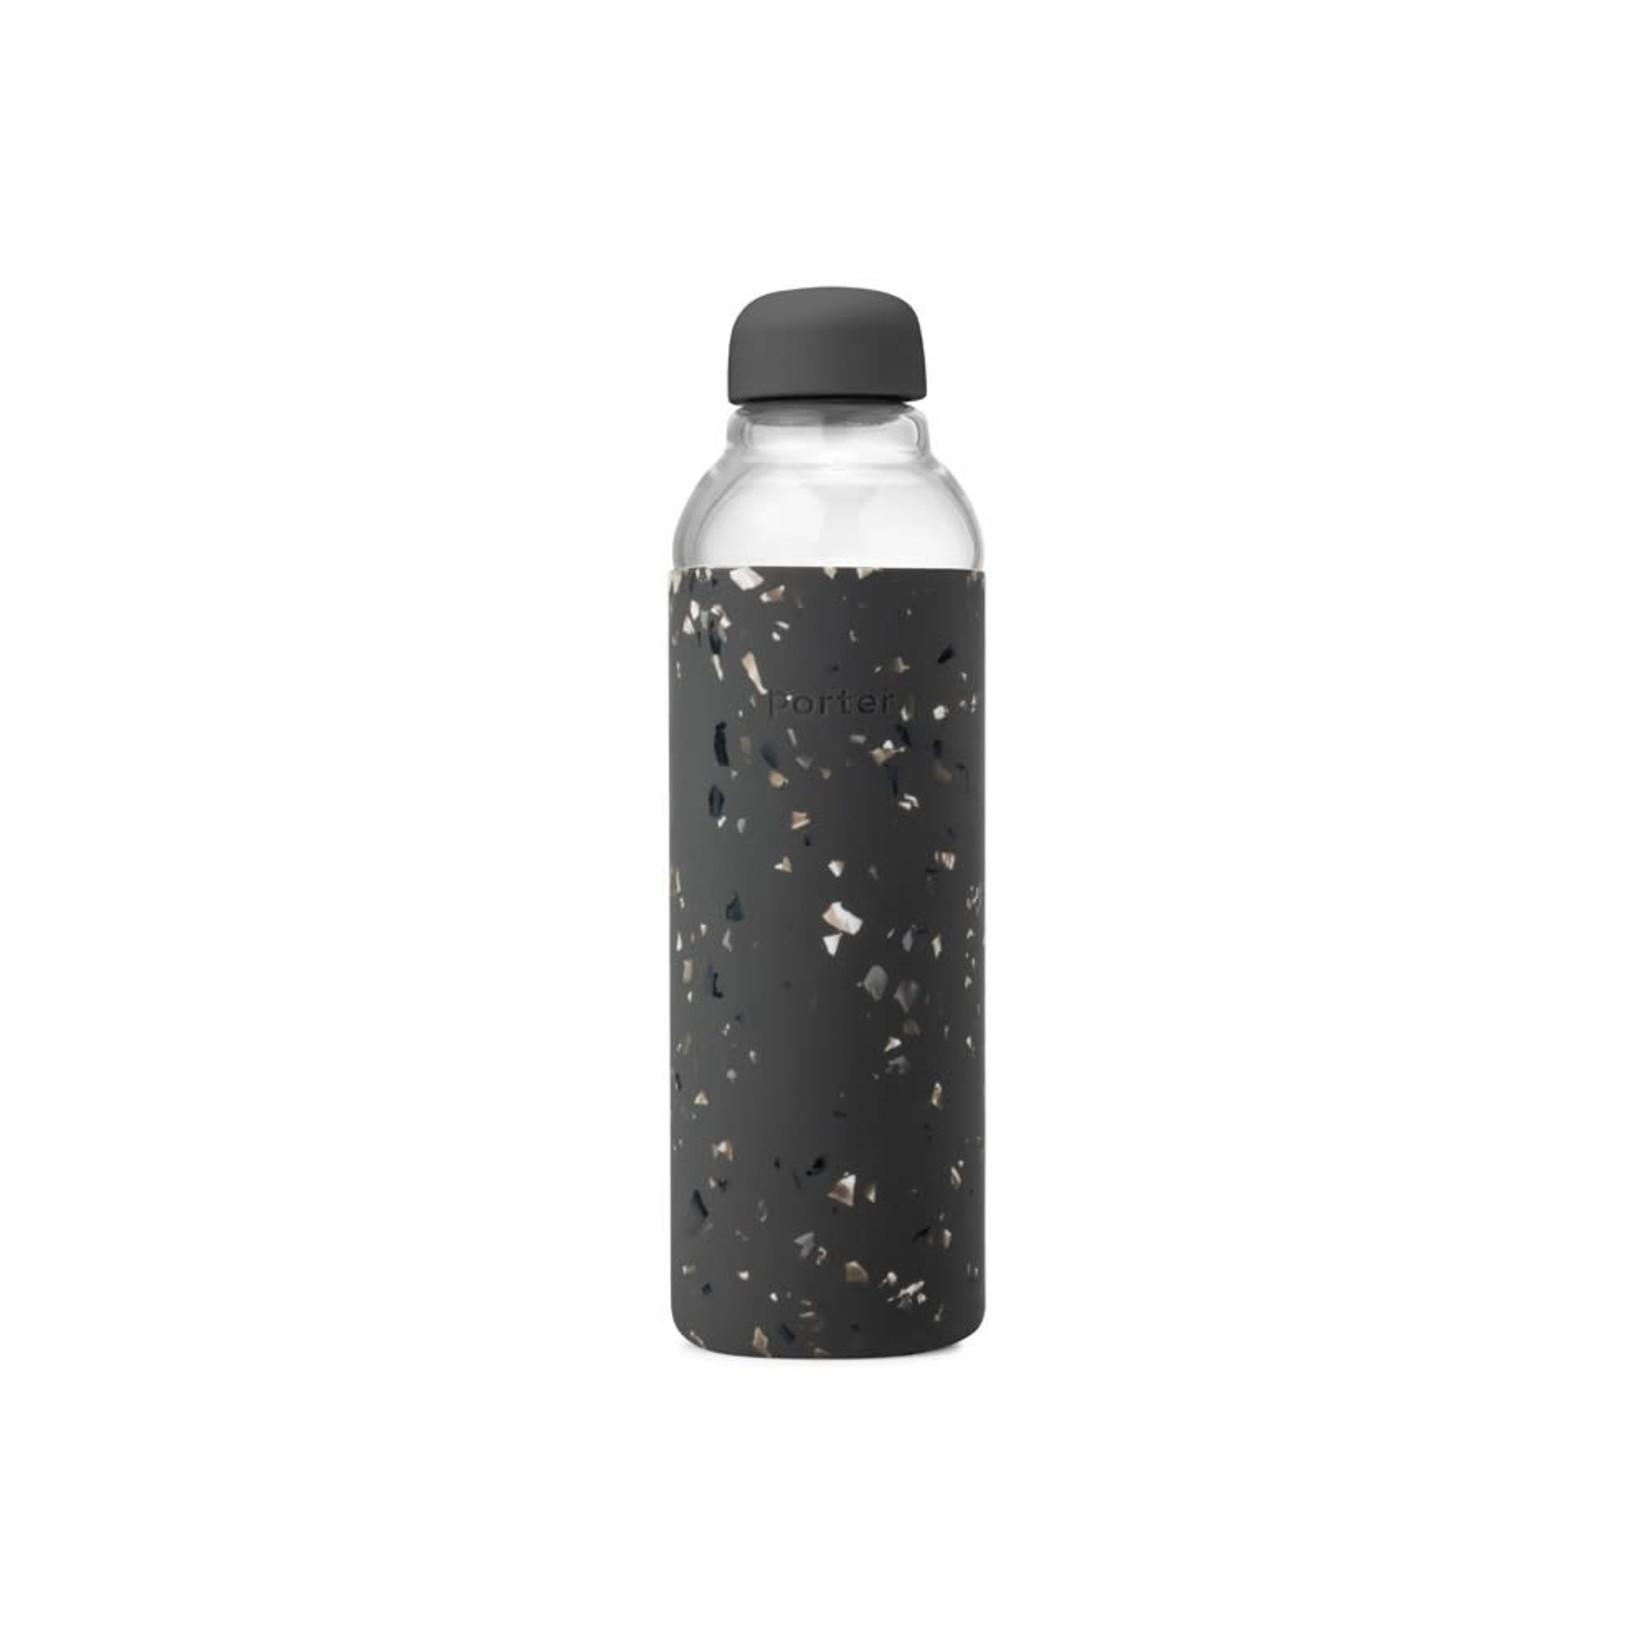 Terrazzo Glass Bottle in Charcoal